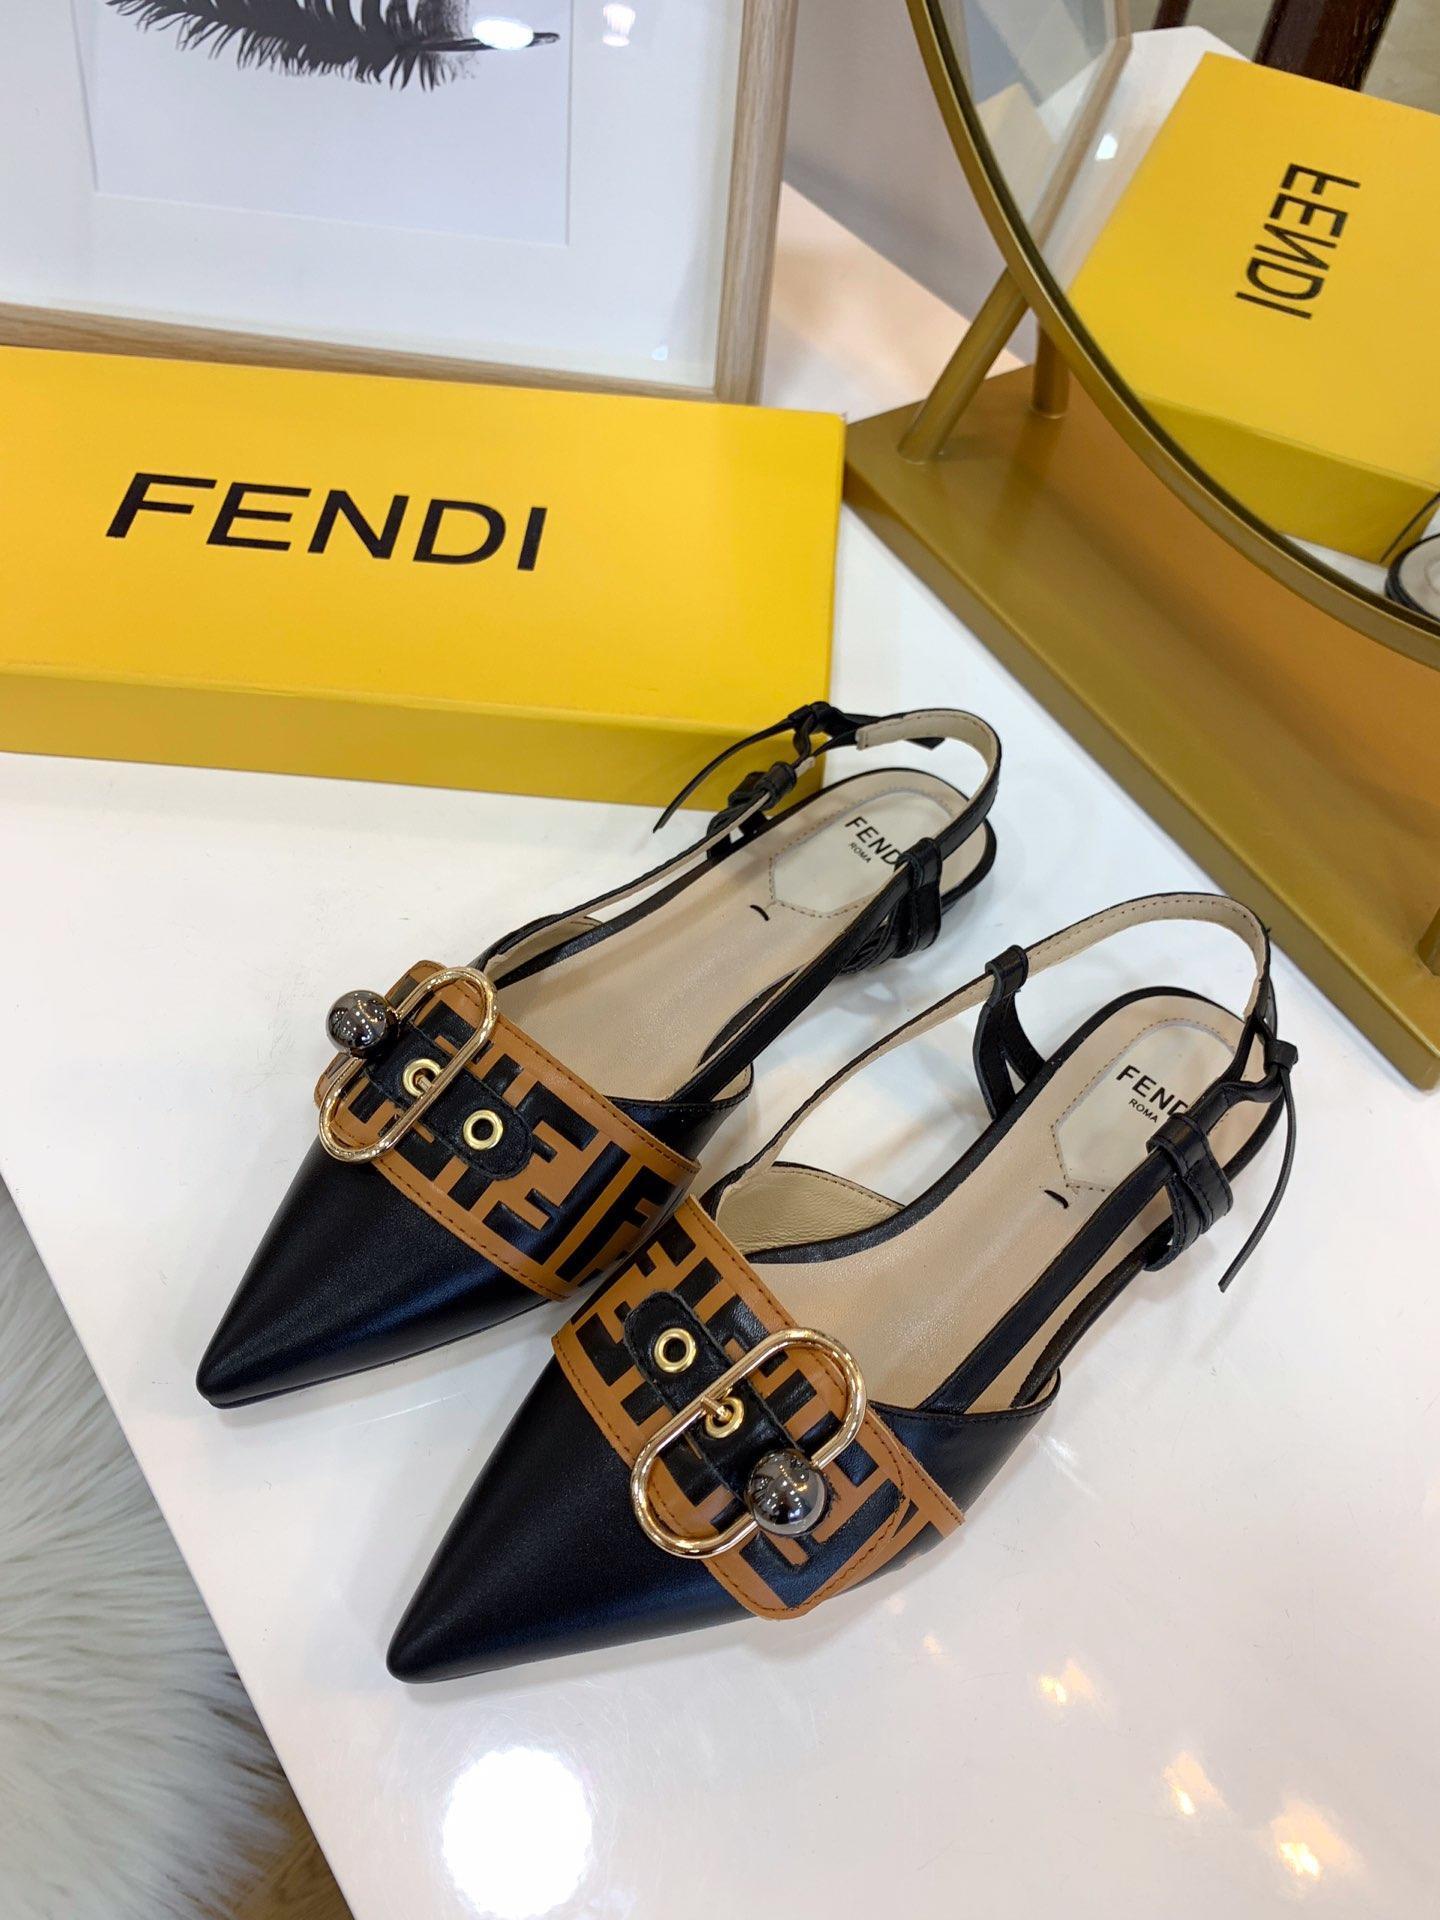 Top qualità Designerluxury sandali pattini delle pompe Donna del partito Brandsandals Nude di moda cinturino alla caviglia rivetta scarpe tacchi alti Slider 20021703T